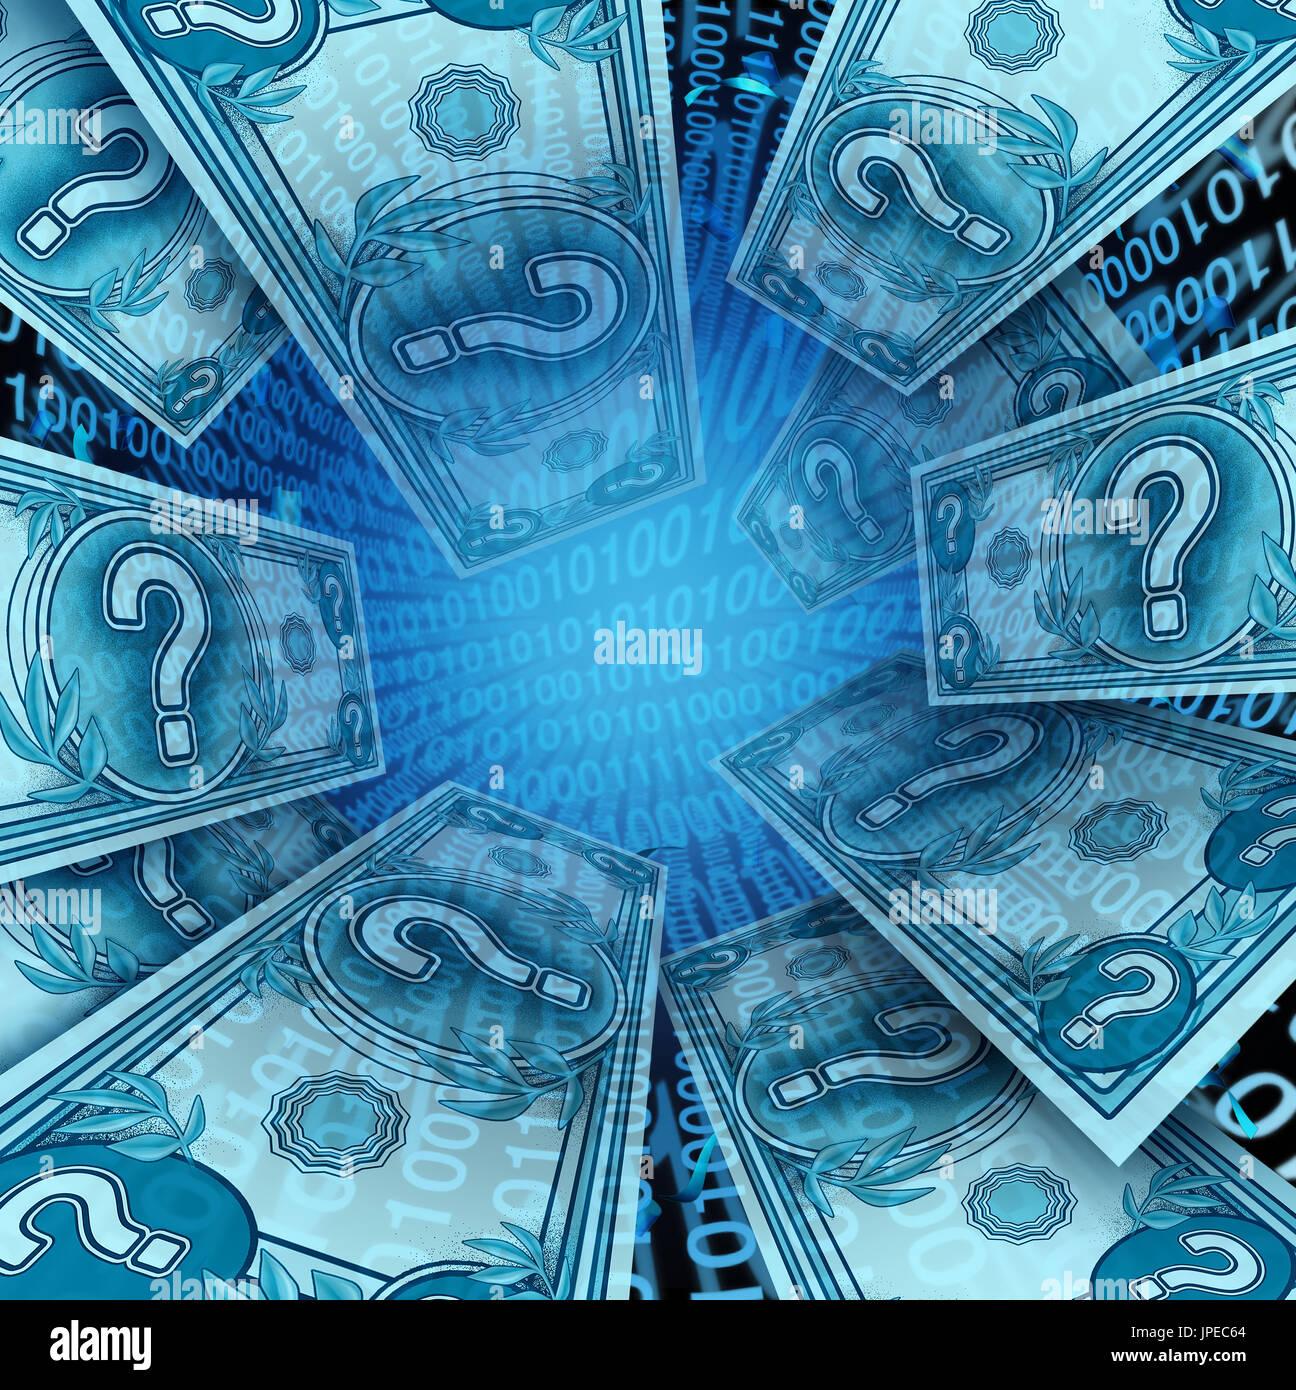 Et comme l'argent numérique Cryptocurrency ou bitcoin ethereum internet numérique comme concept économique monnaie électronique de fonds en ligne de transaction. Photo Stock